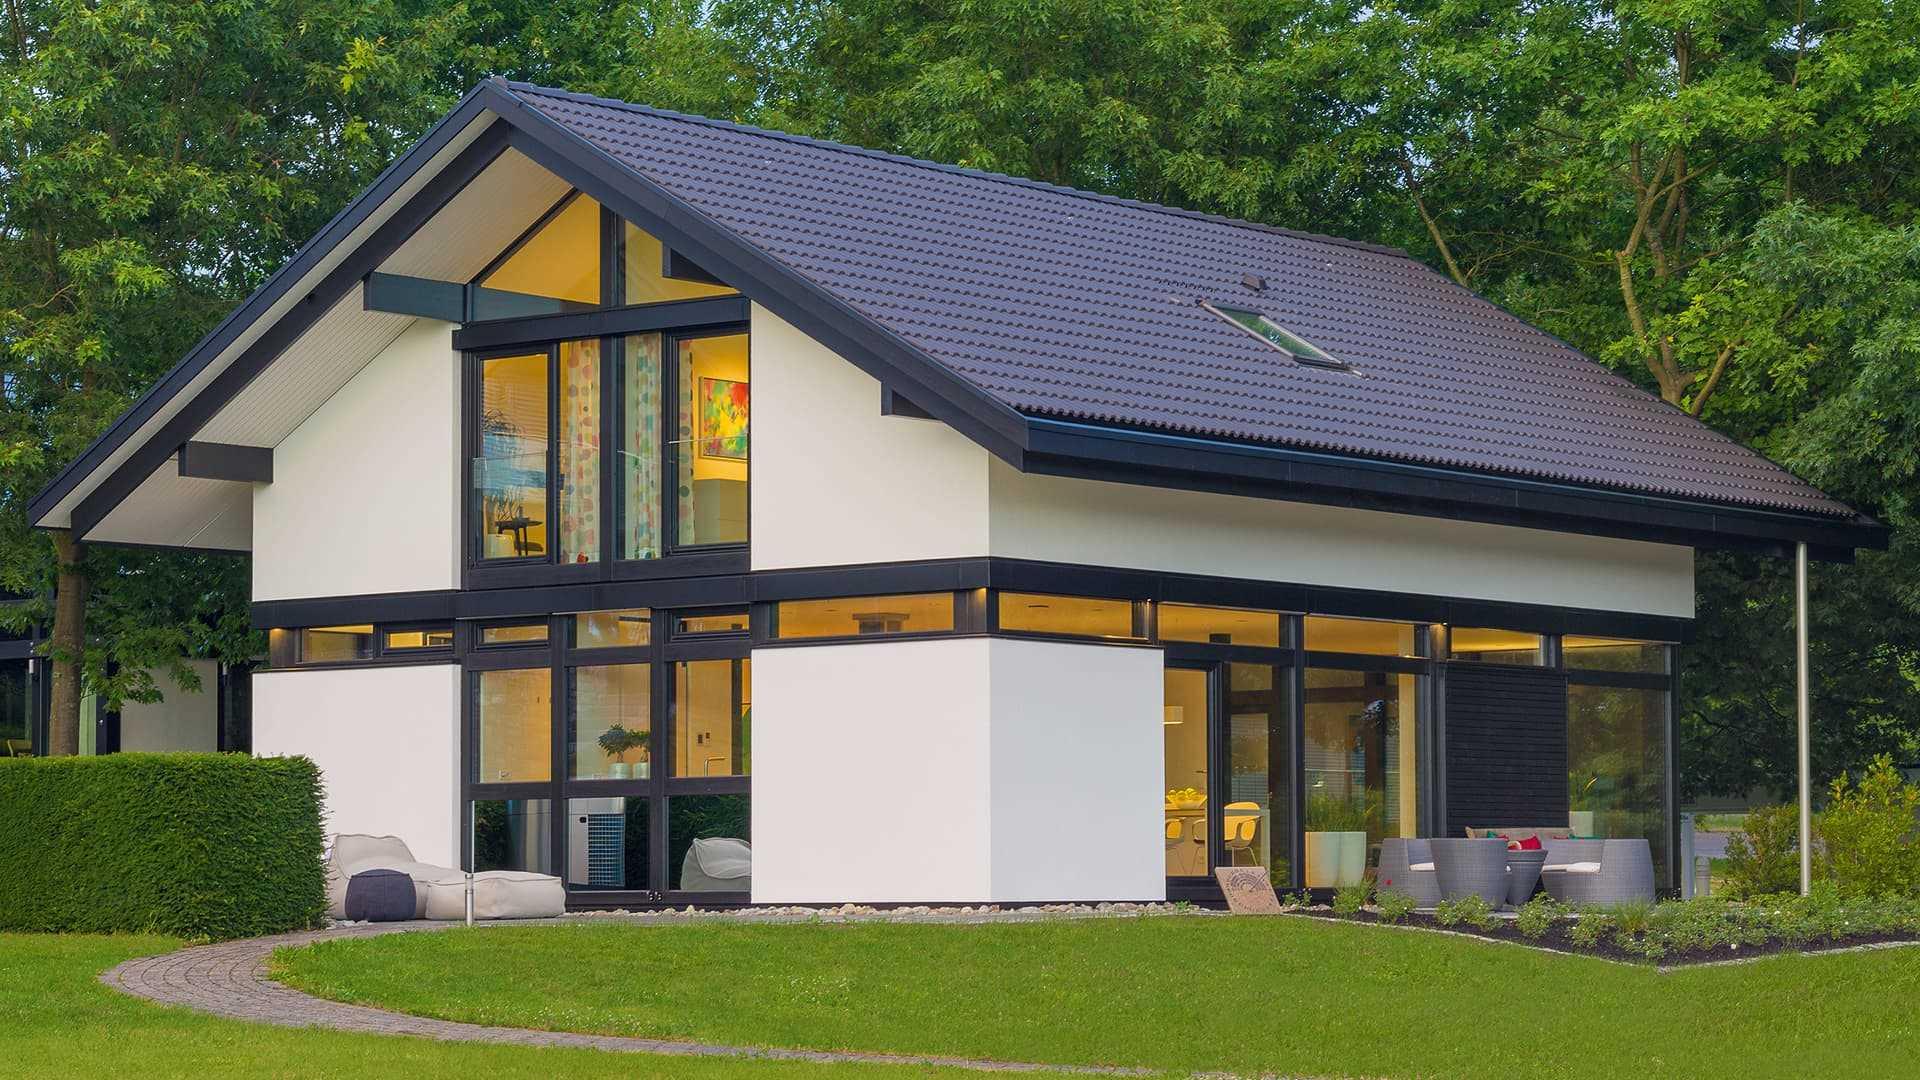 Wunderbar Einfamilienhaus Satteldach Ideen Von : Mit Satteldach. © Huf